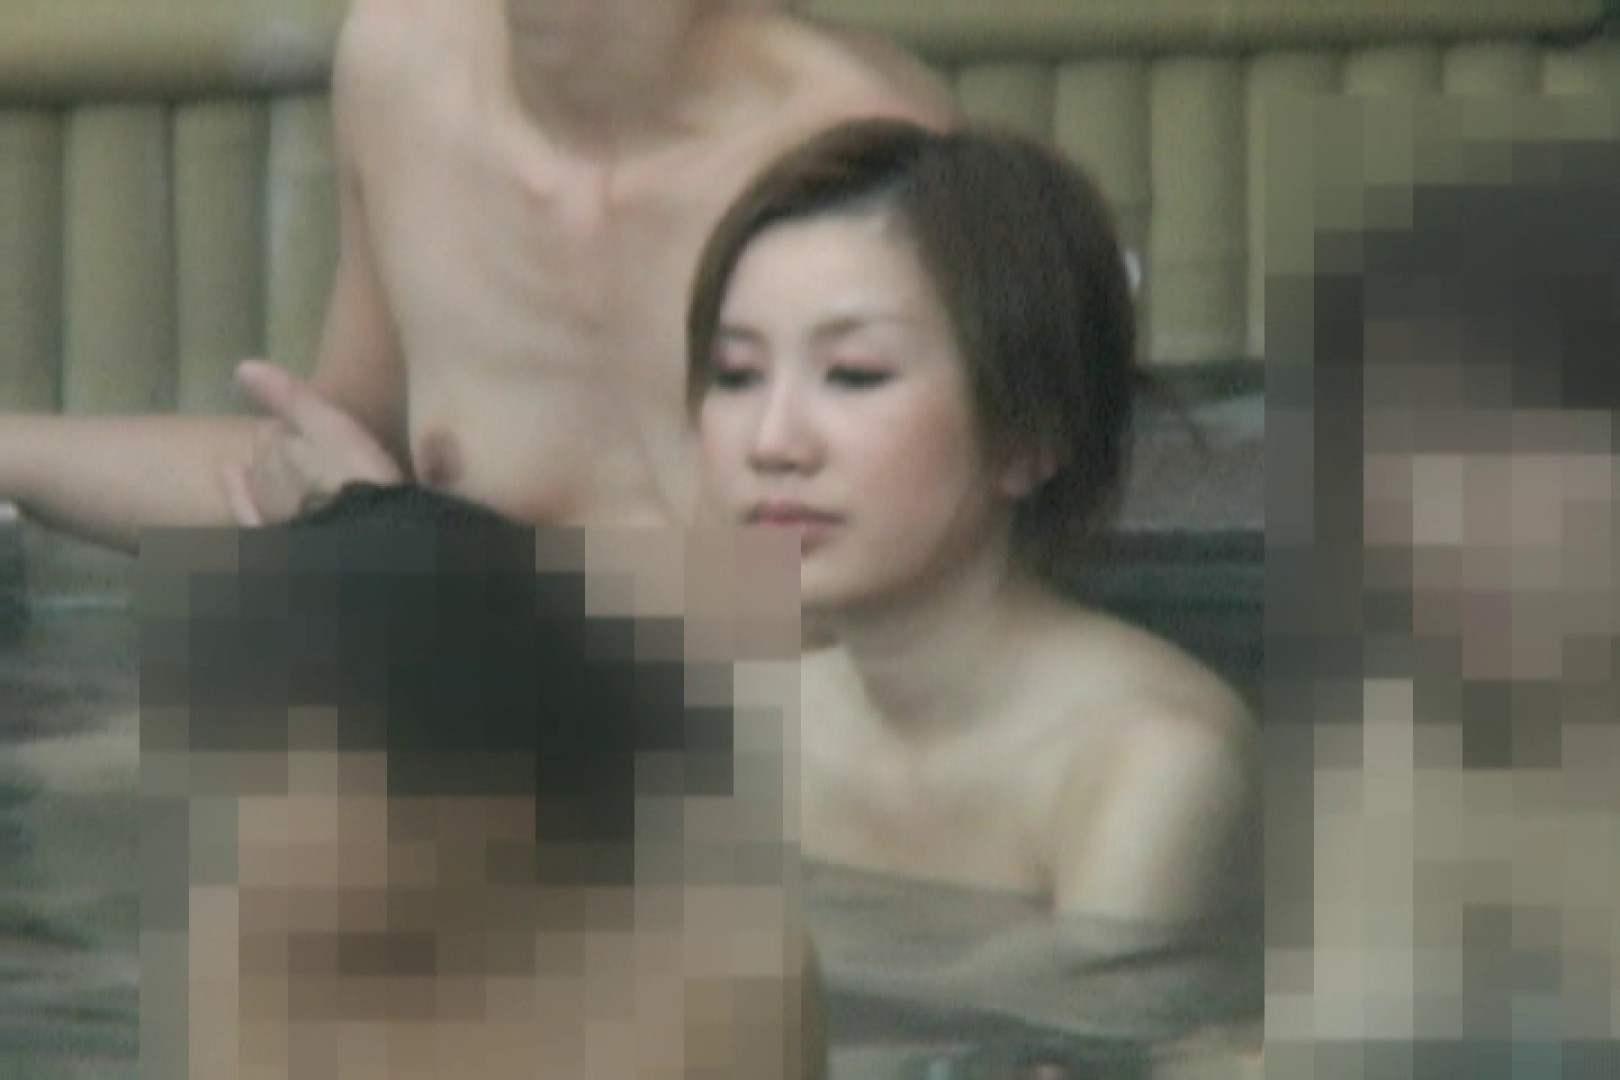 Aquaな露天風呂Vol.857 盗撮 | 露天  87pic 30